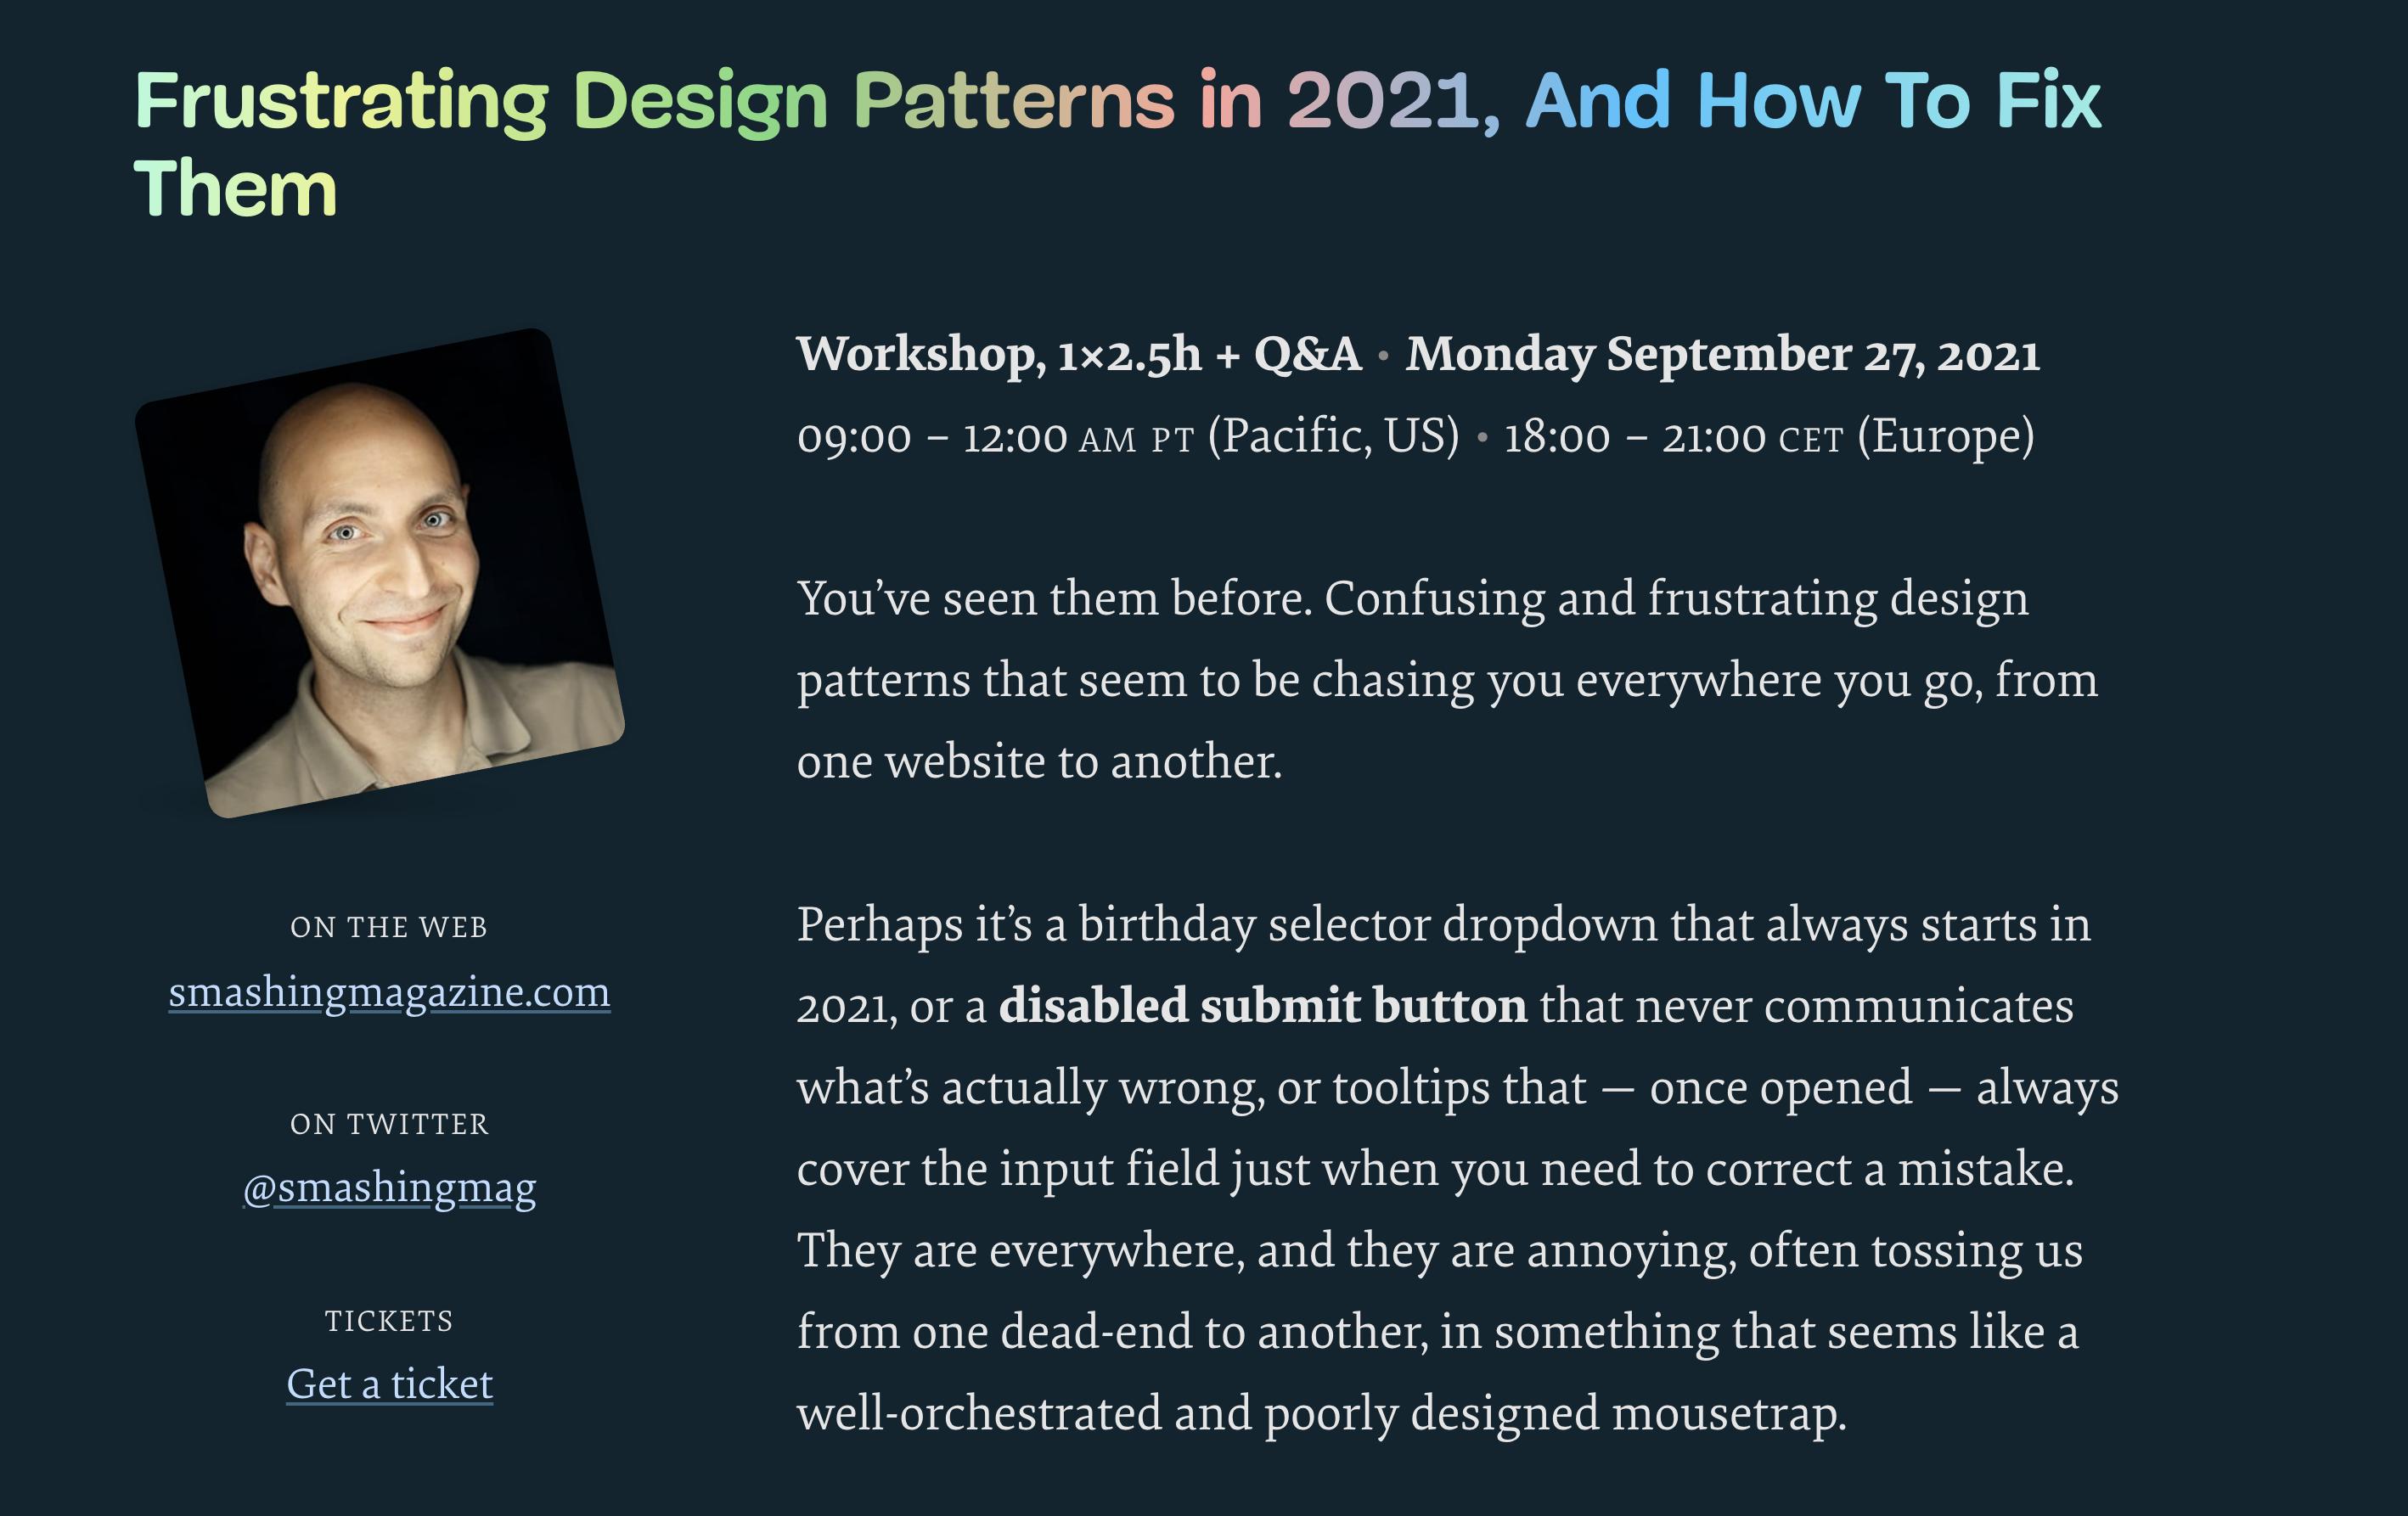 Frustrating Design Patterns in 2021